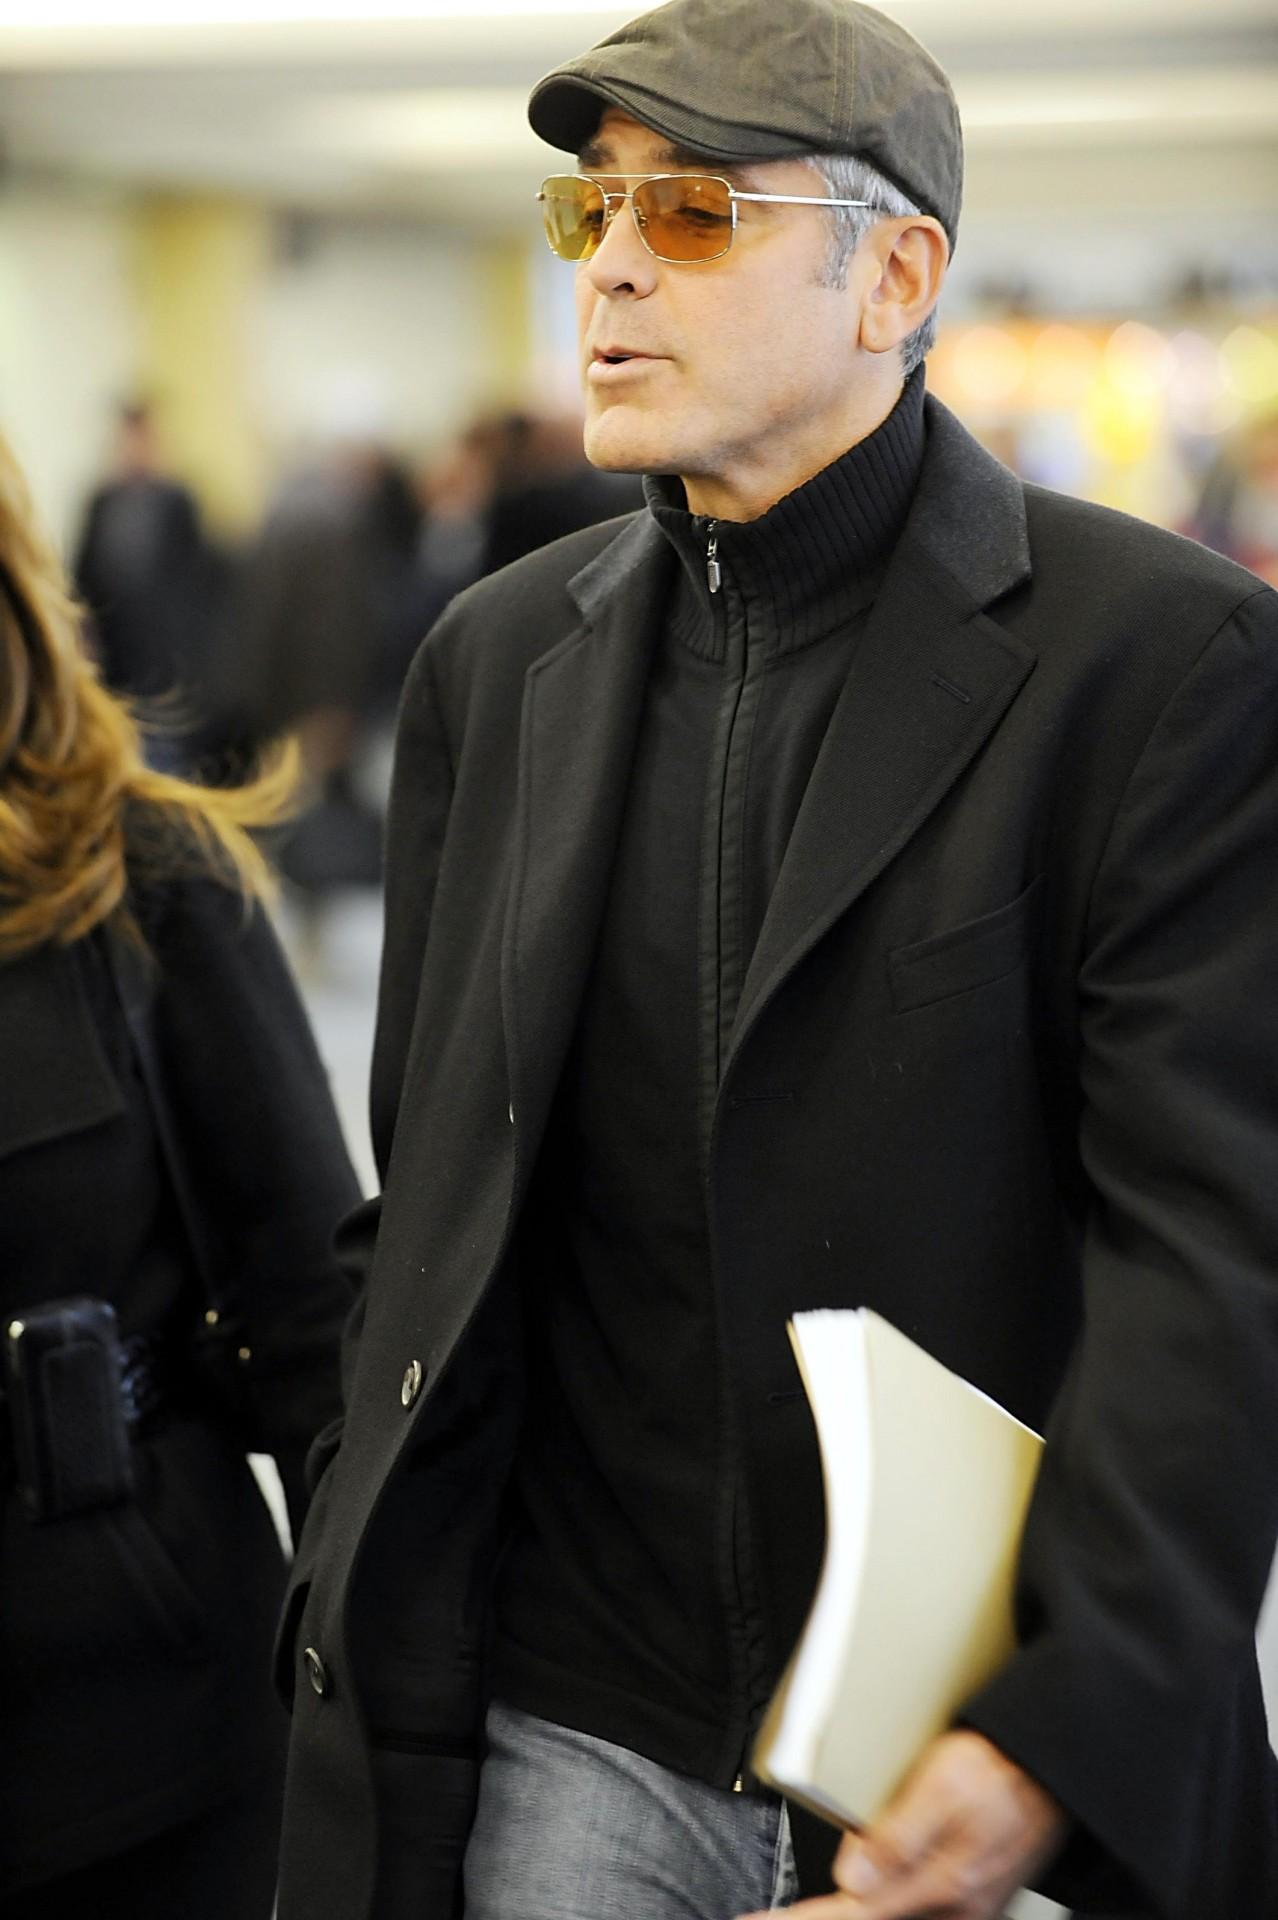 George Clooney George Clooney George Clooney! Tumblr_msflc4RqgX1sblz9yo2_1280